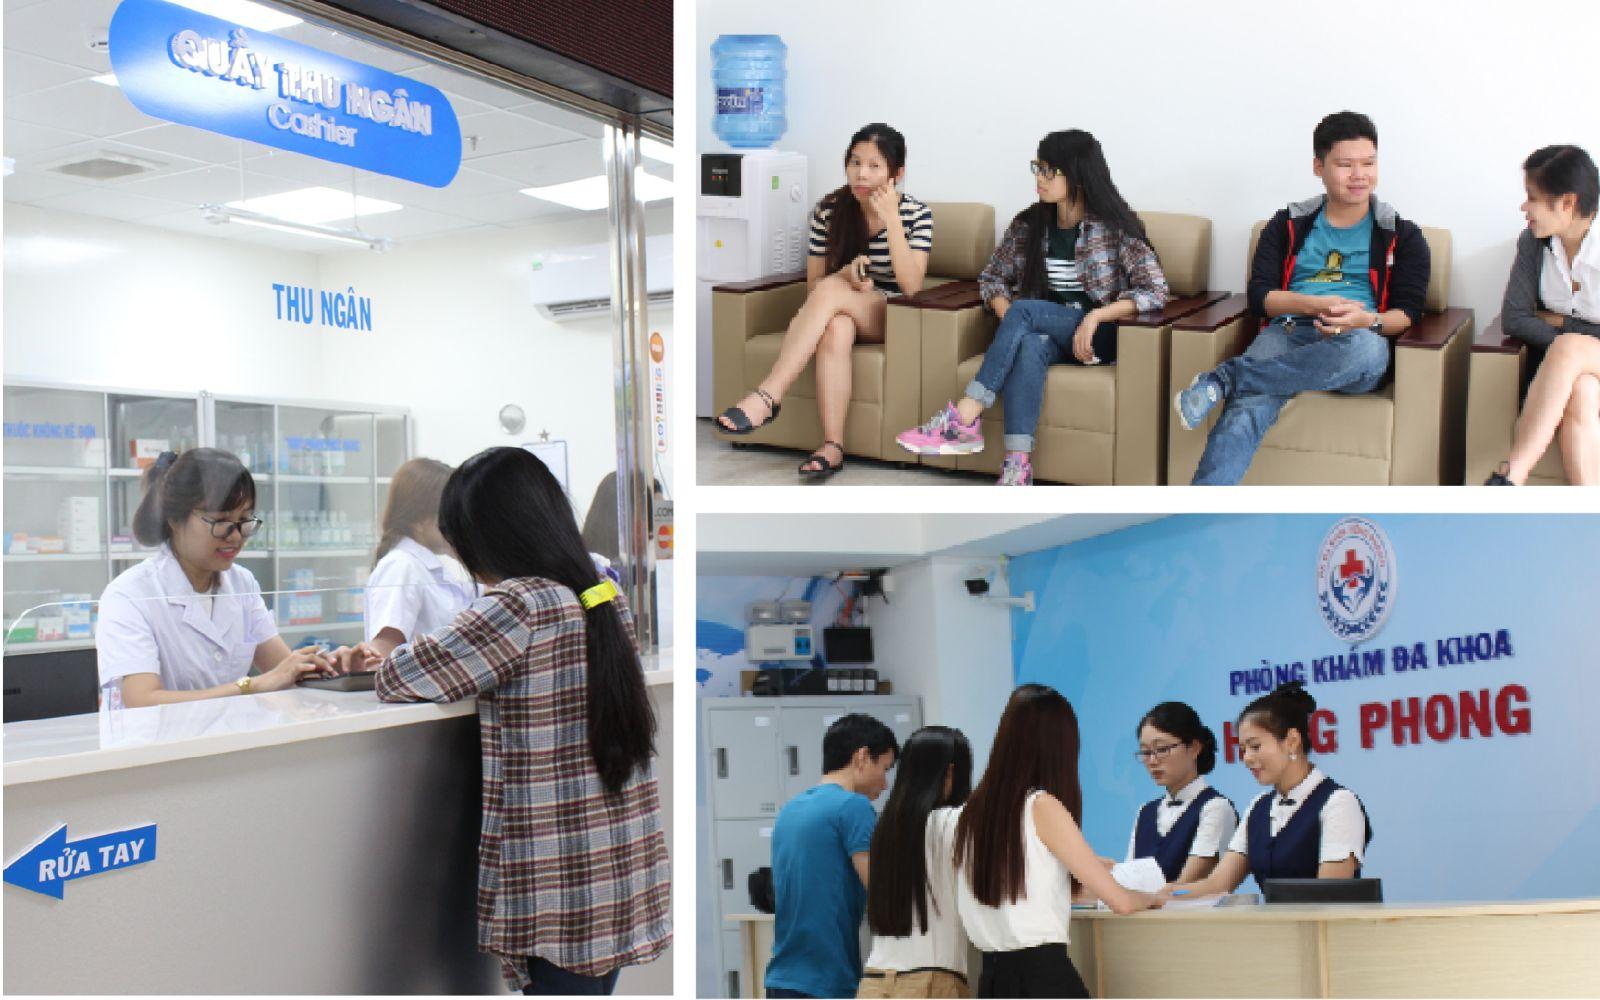 Điều trị bệnh xã hội tại Đa khoa Hồng Phong